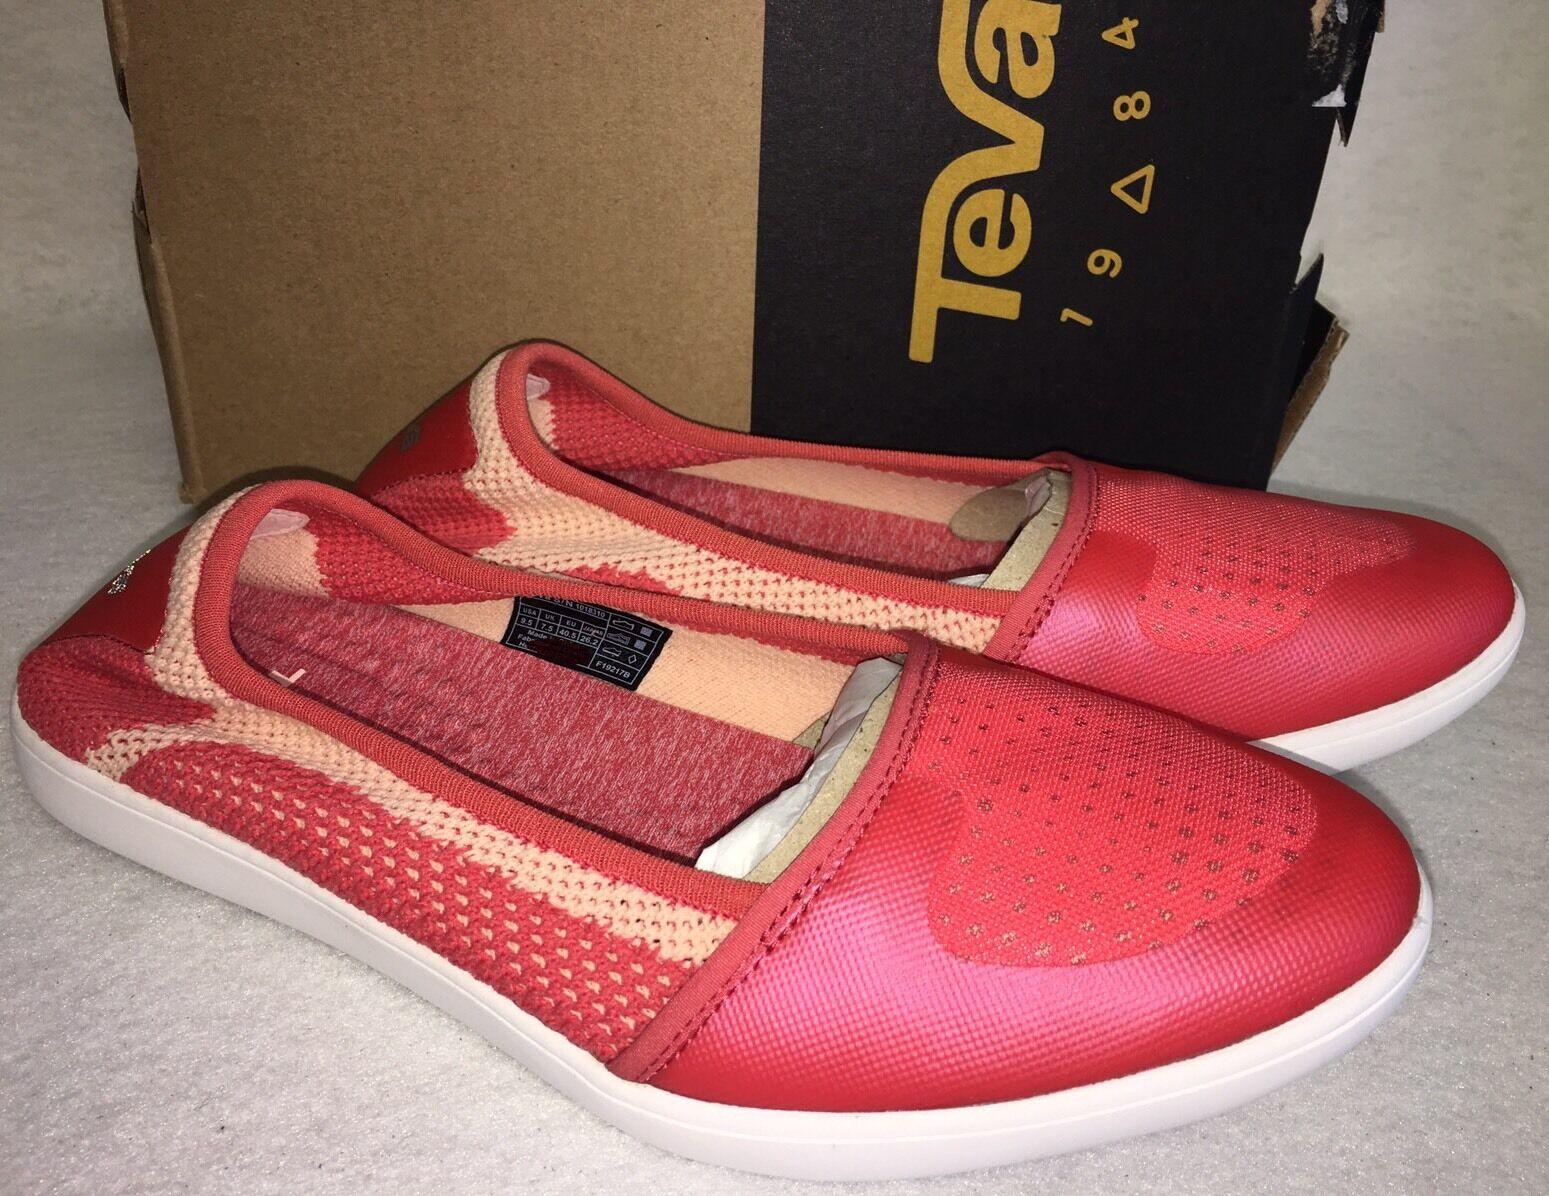 Teva Hidro-Life Bailarina Slip-on Para Mujer Zapatos sin sin sin Taco tamaño 9.5 M Malla de 1018310  ventas en linea